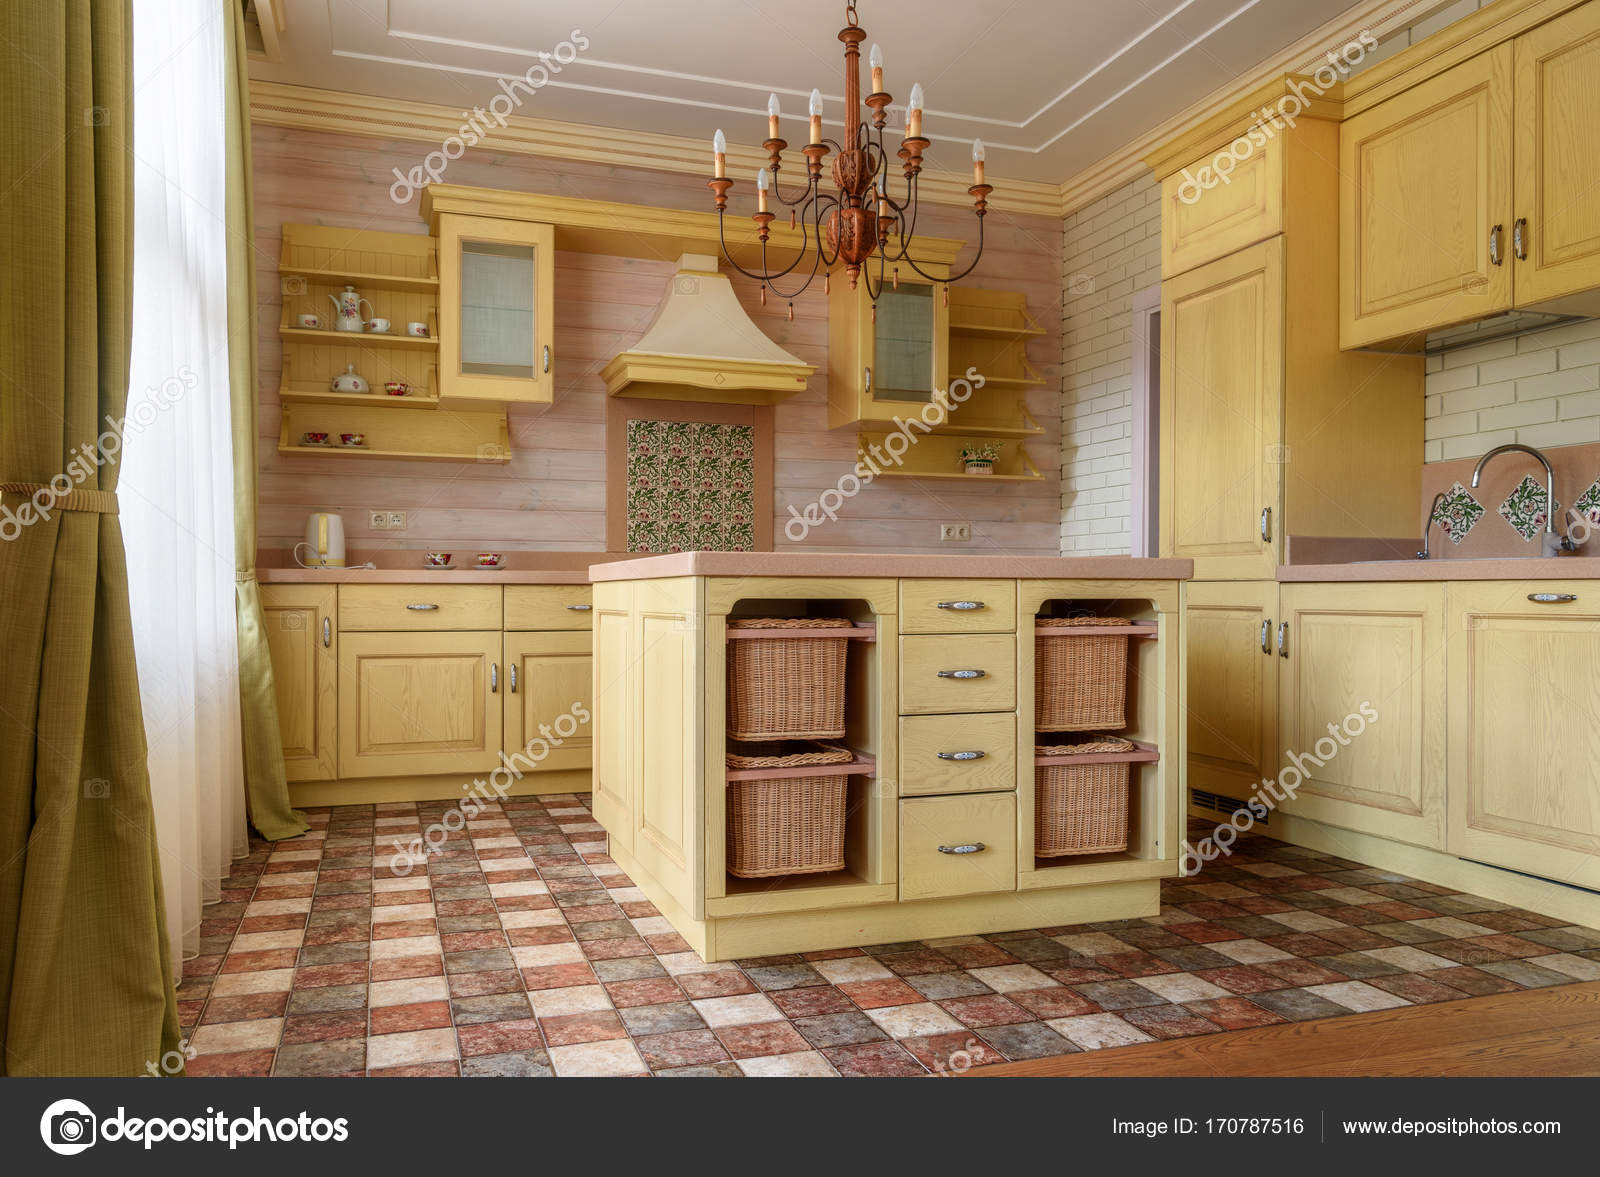 Cuisine dans maison de campagne — Photographie VitalikRadko ...